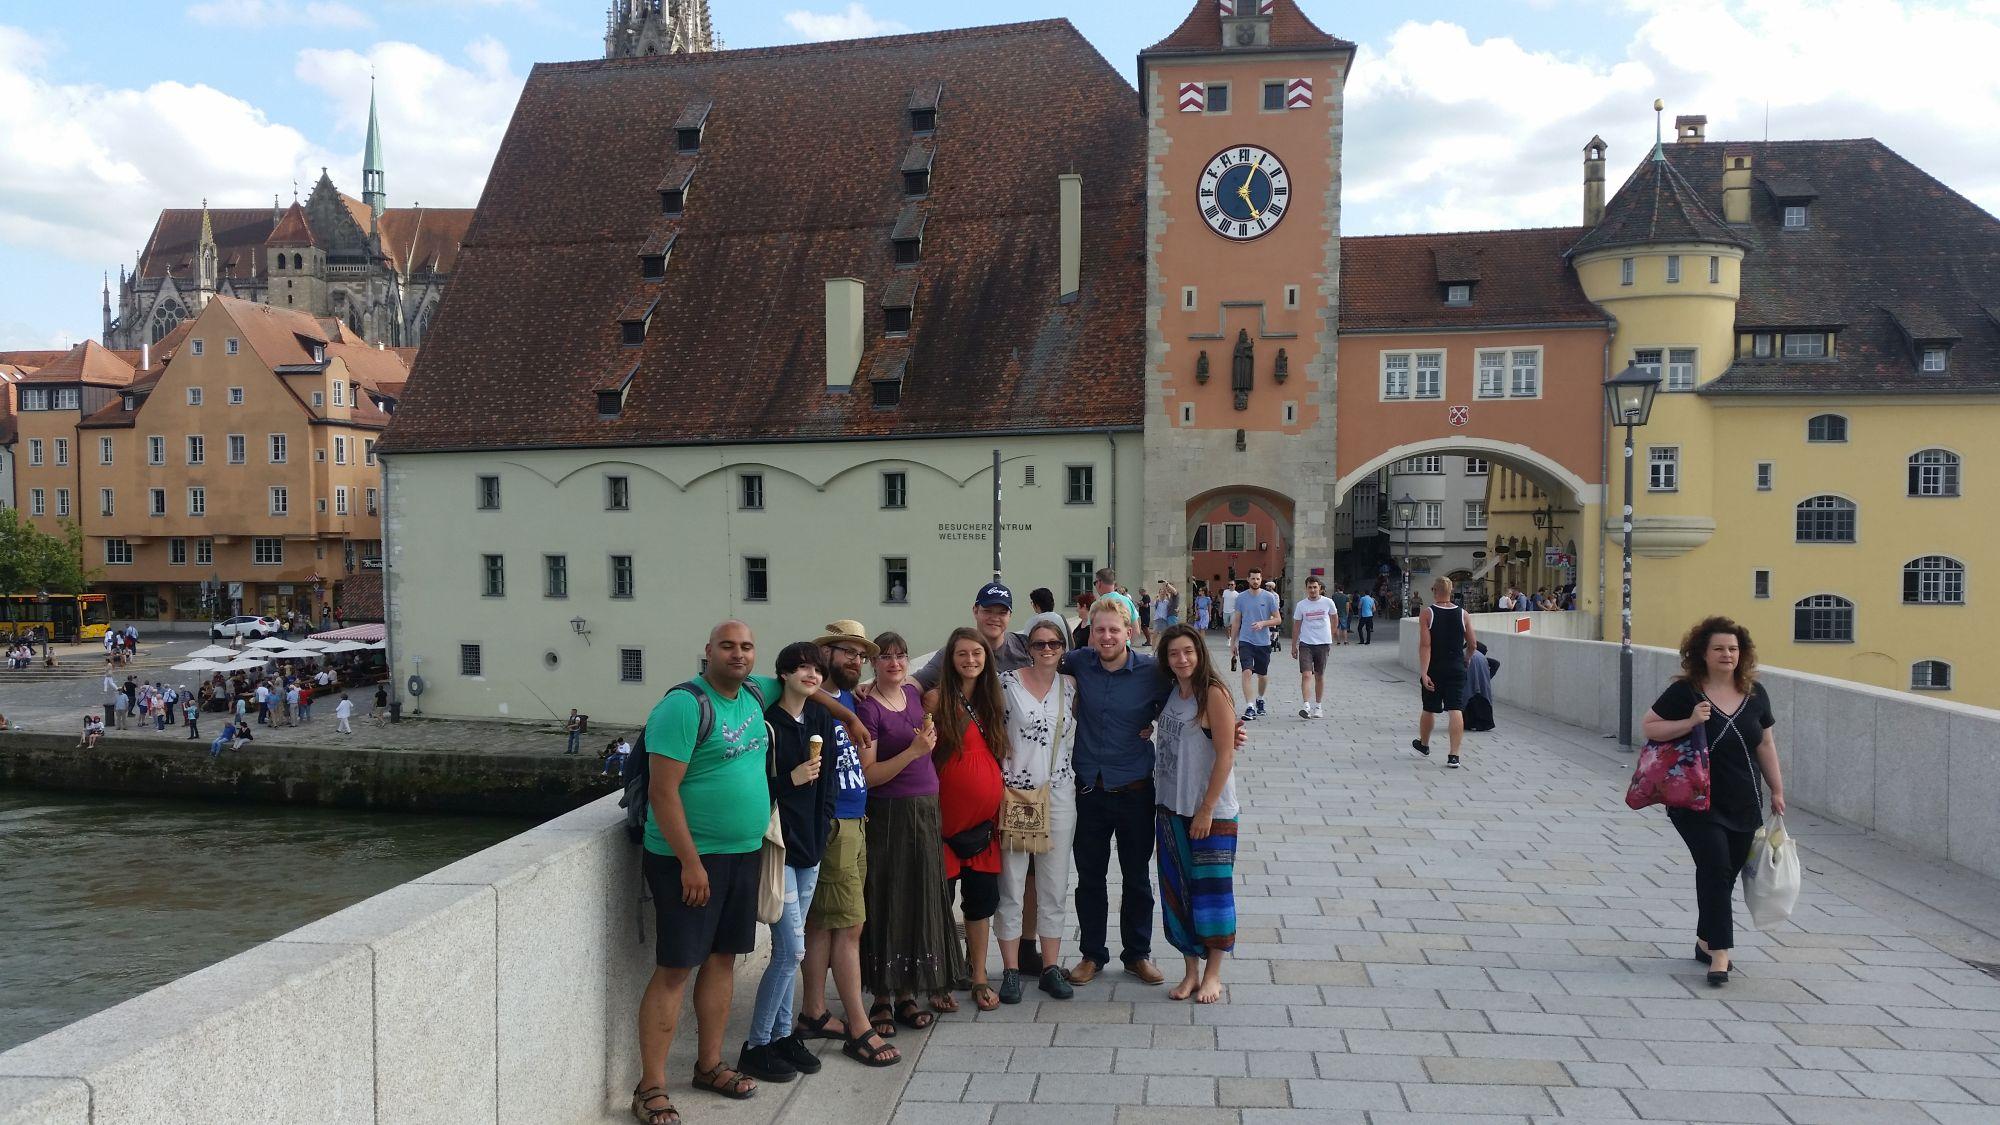 Rätselsburg, oder die Stadt deren Name nicht genannt werden darf.